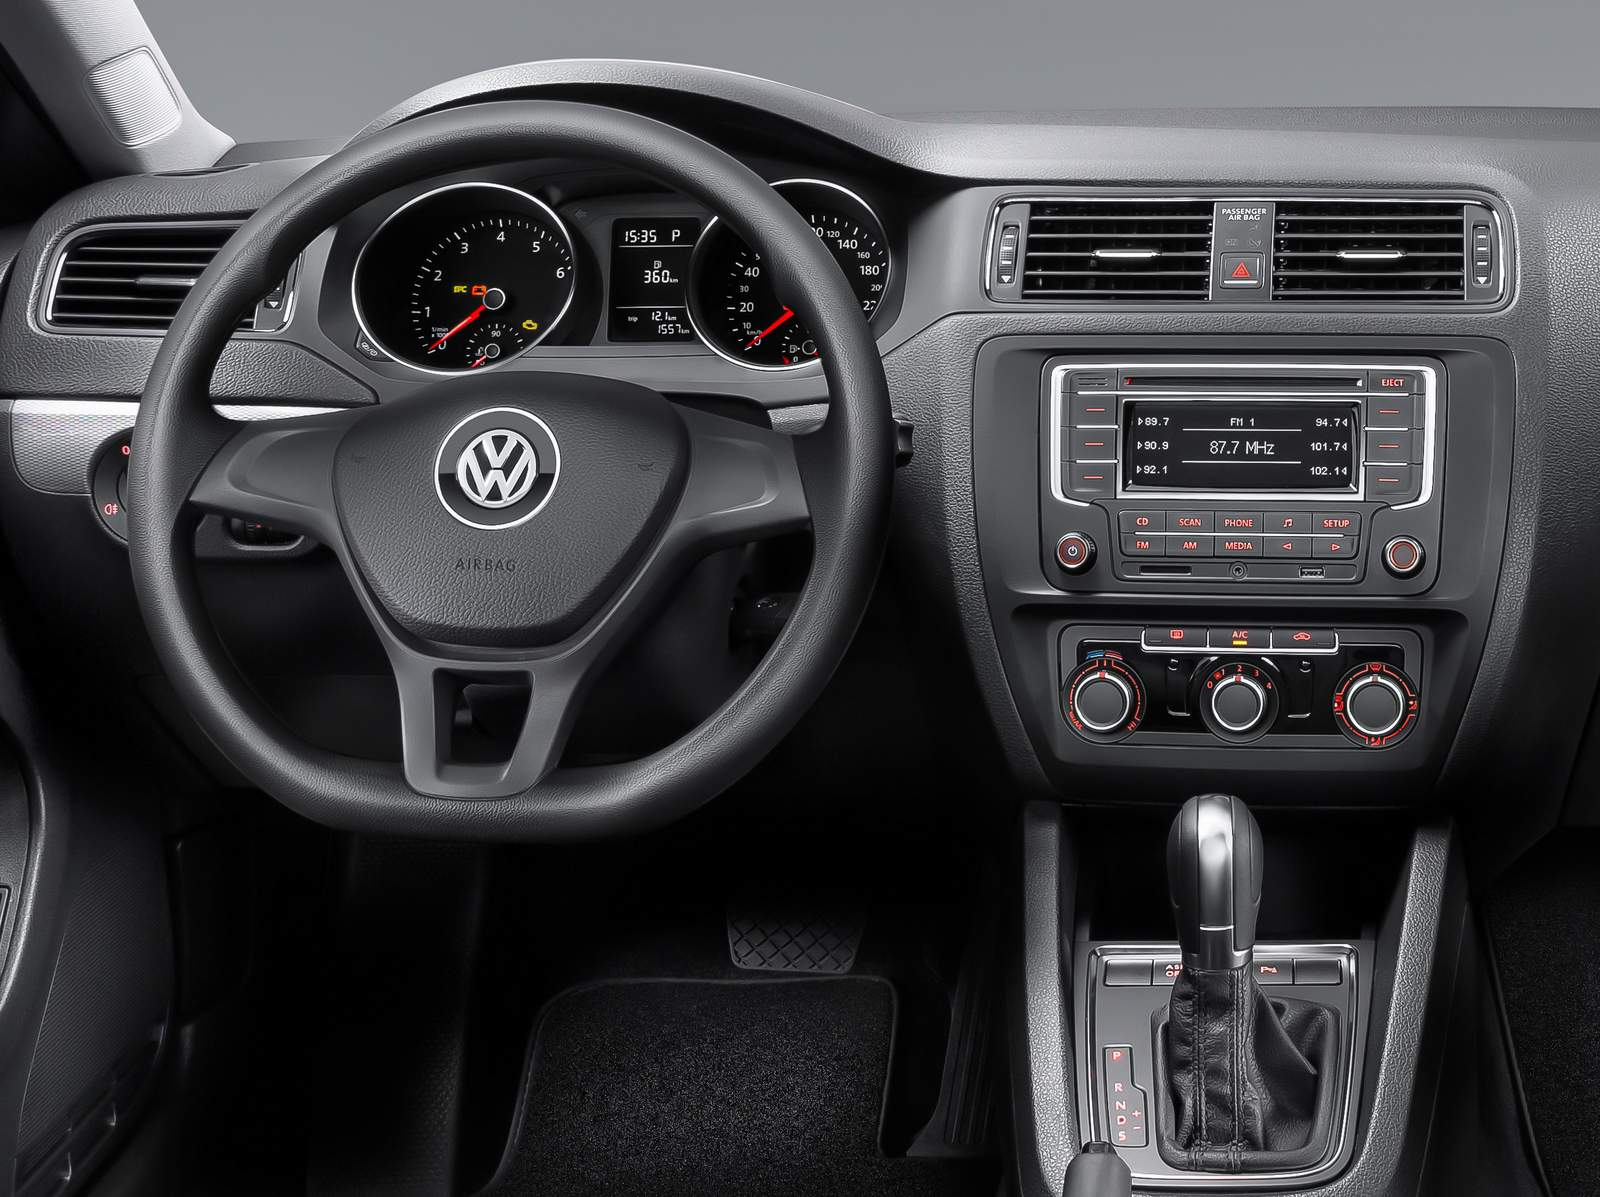 VW Jetta 2015 Trendline - interior